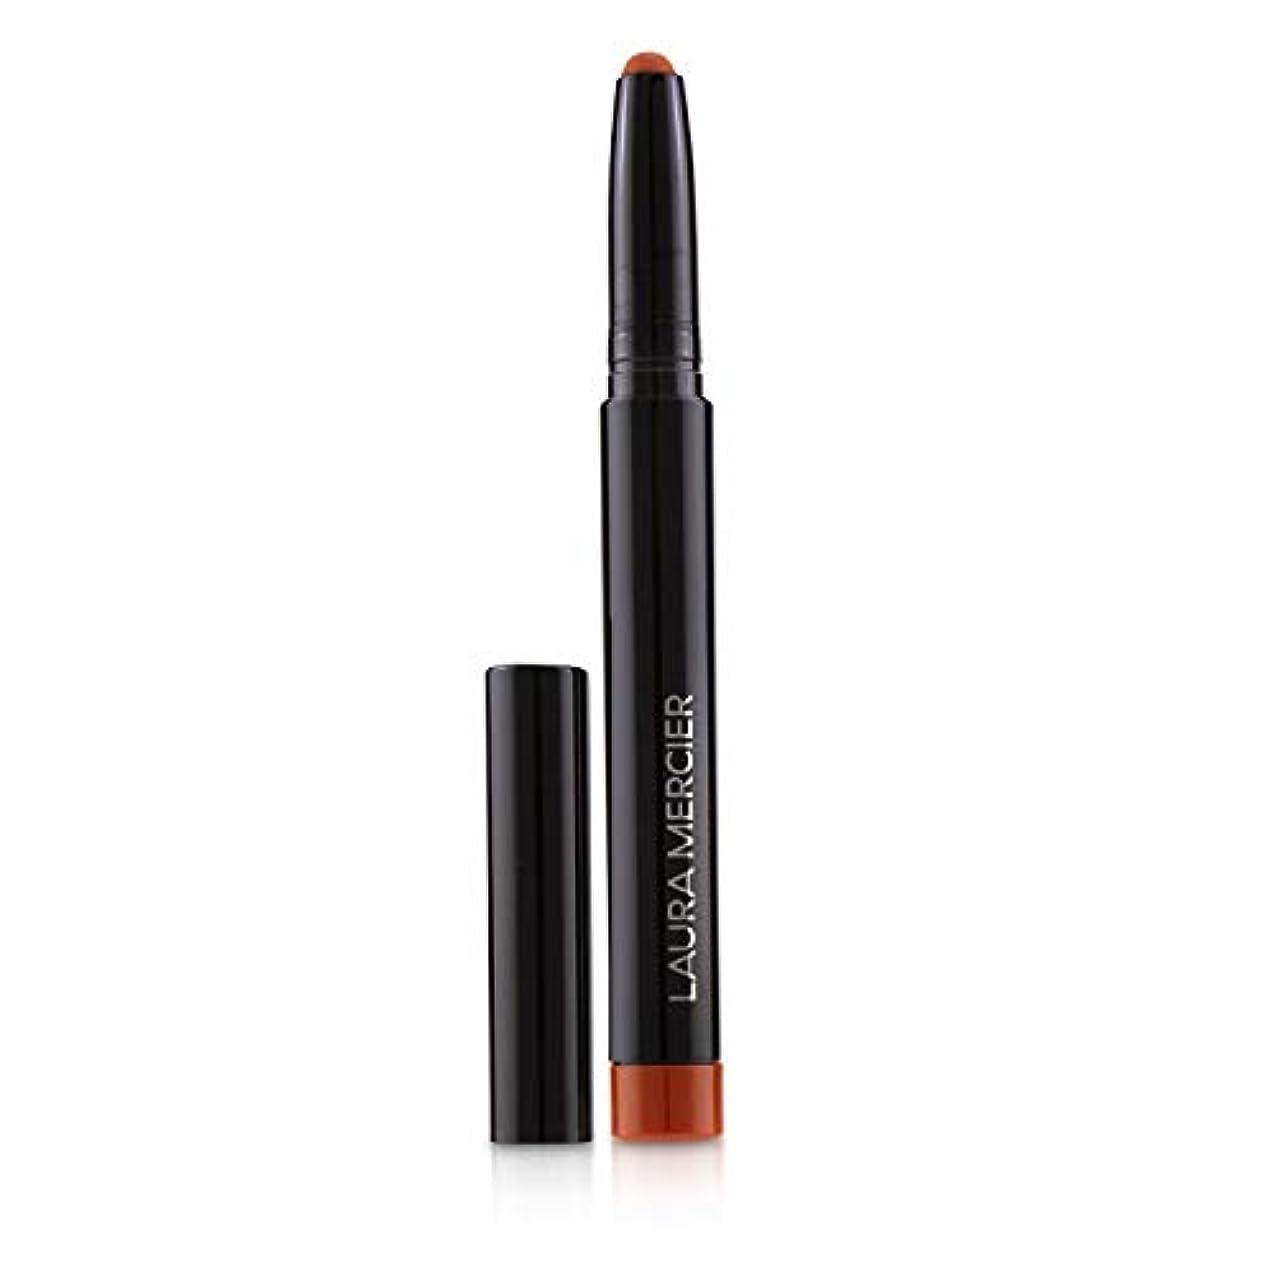 ハイランド偽出しますローラ メルシエ Velour Extreme Matte Lipstick - # Soiree (Pumpkin Coral) 1.4g/0.035oz並行輸入品